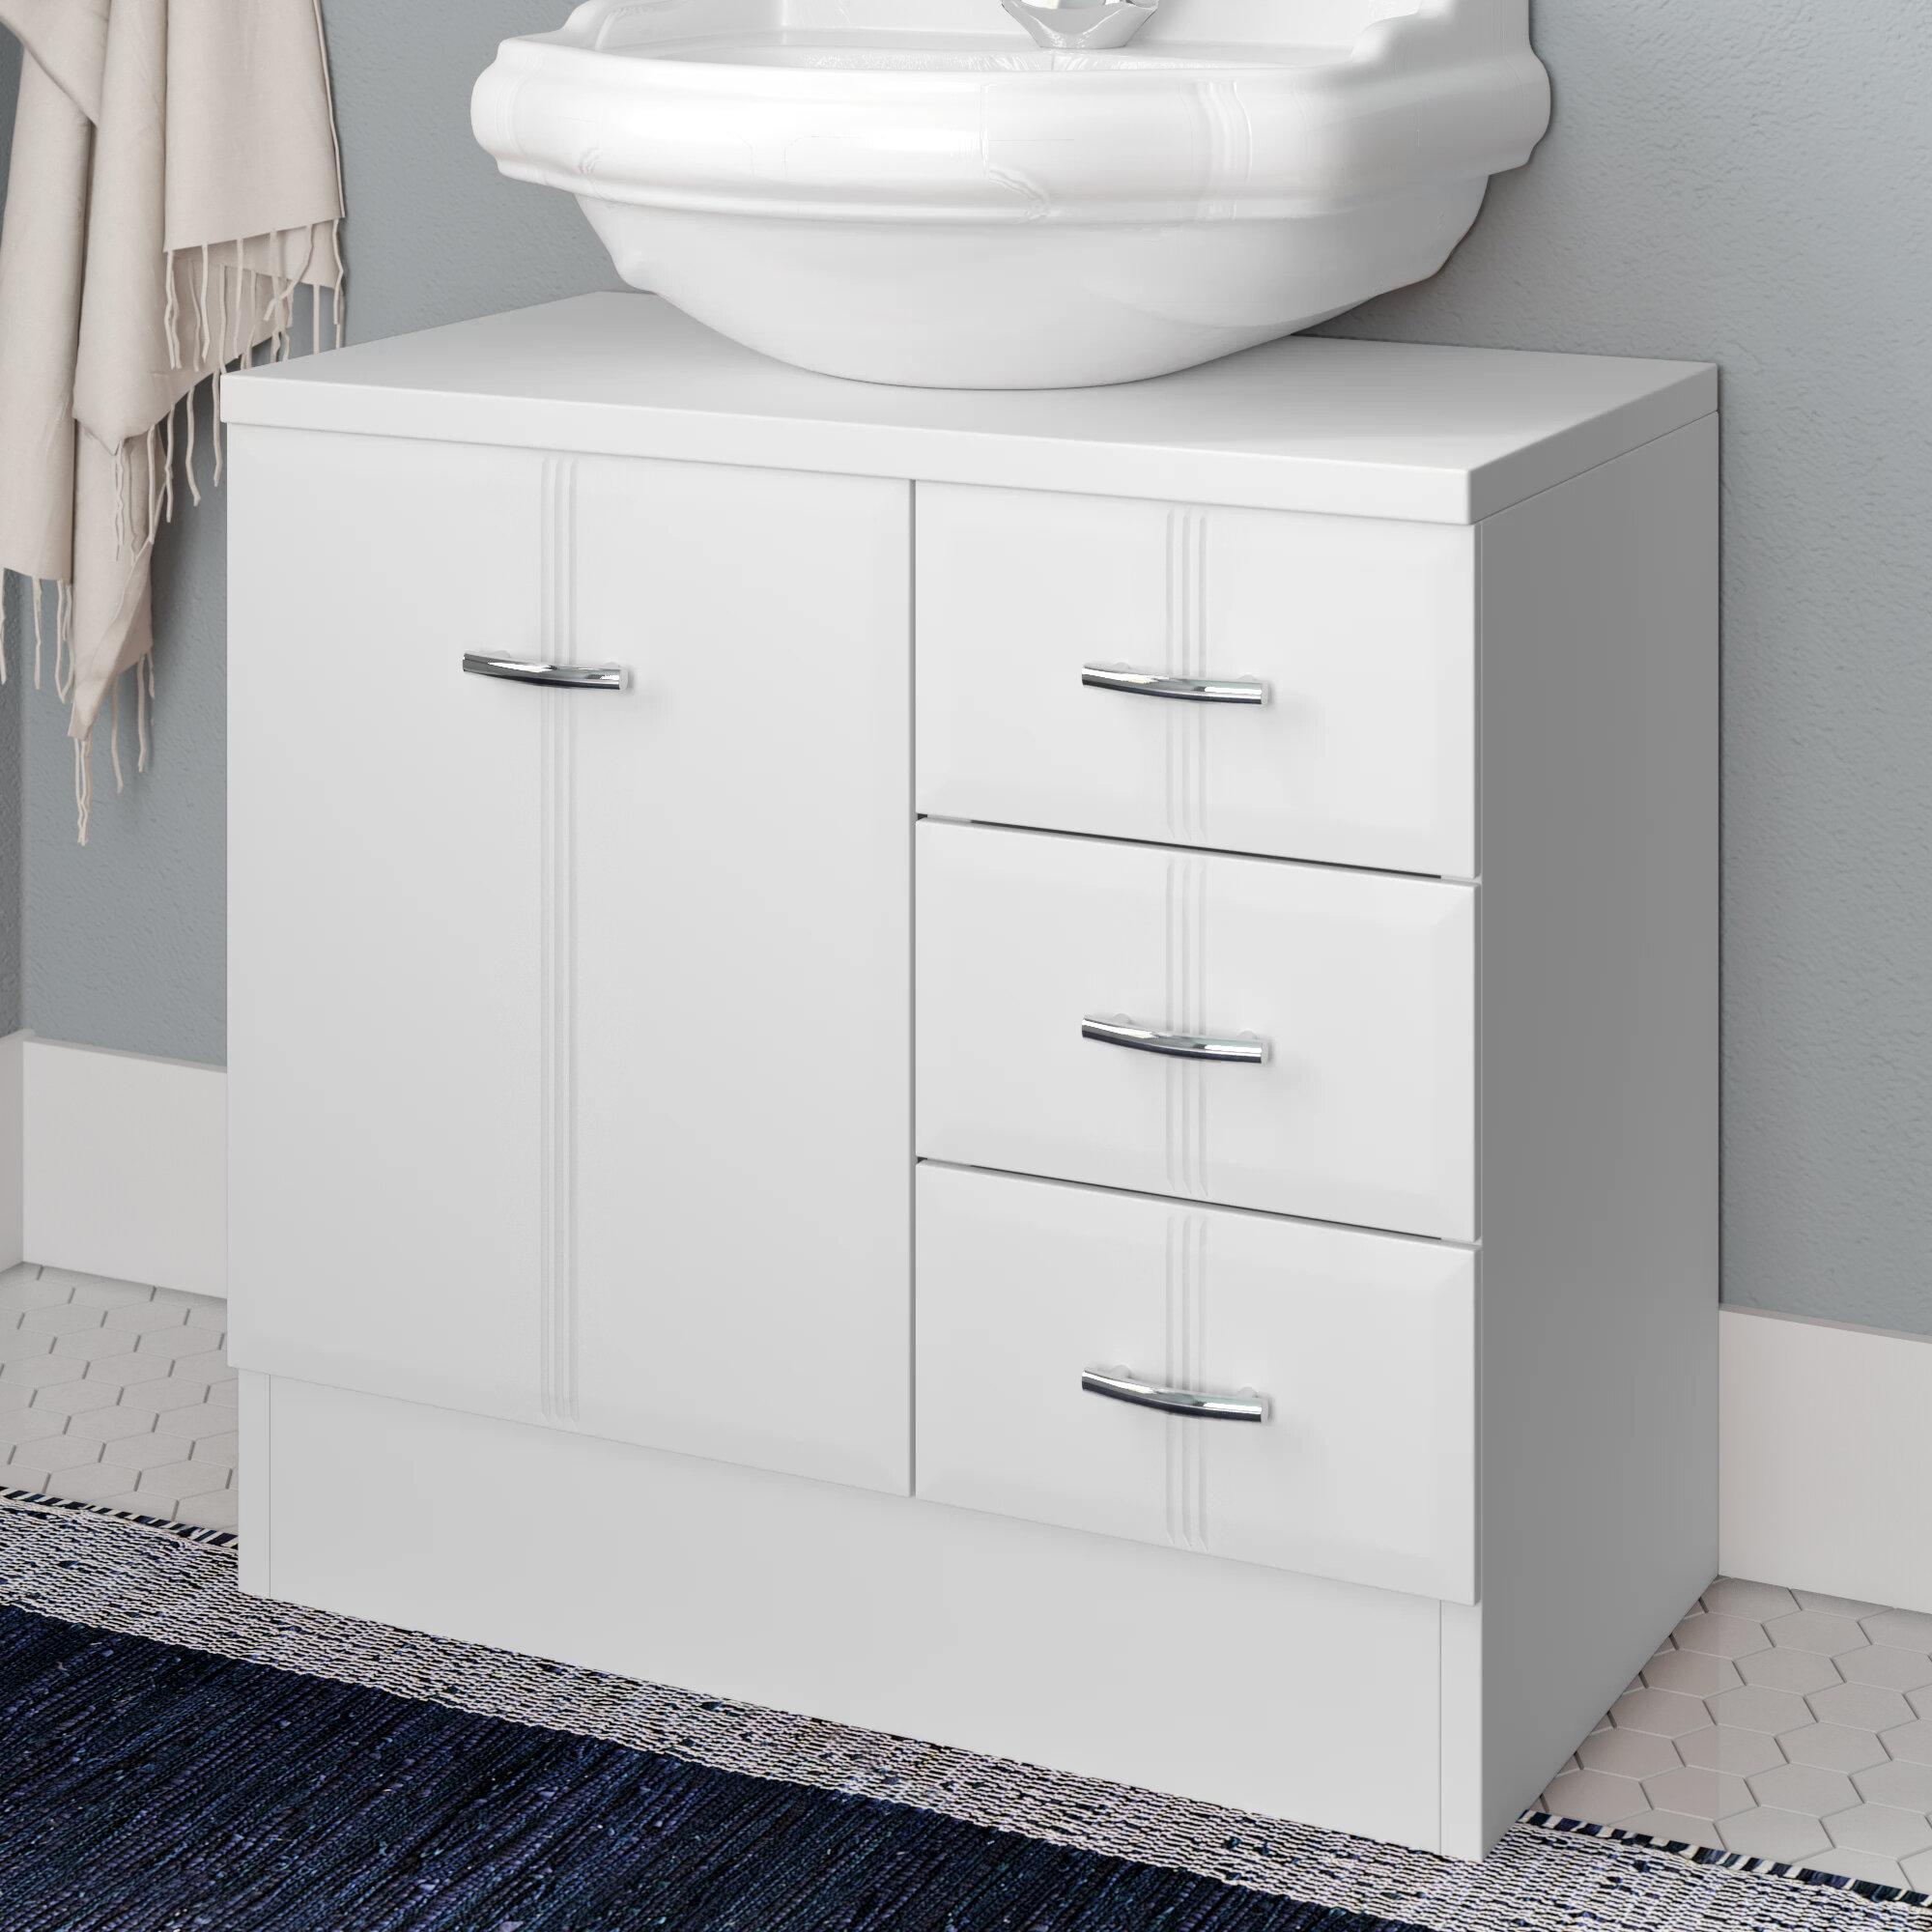 Wondrous Tillie 60Cm Under Sink Storage Unit Download Free Architecture Designs Grimeyleaguecom